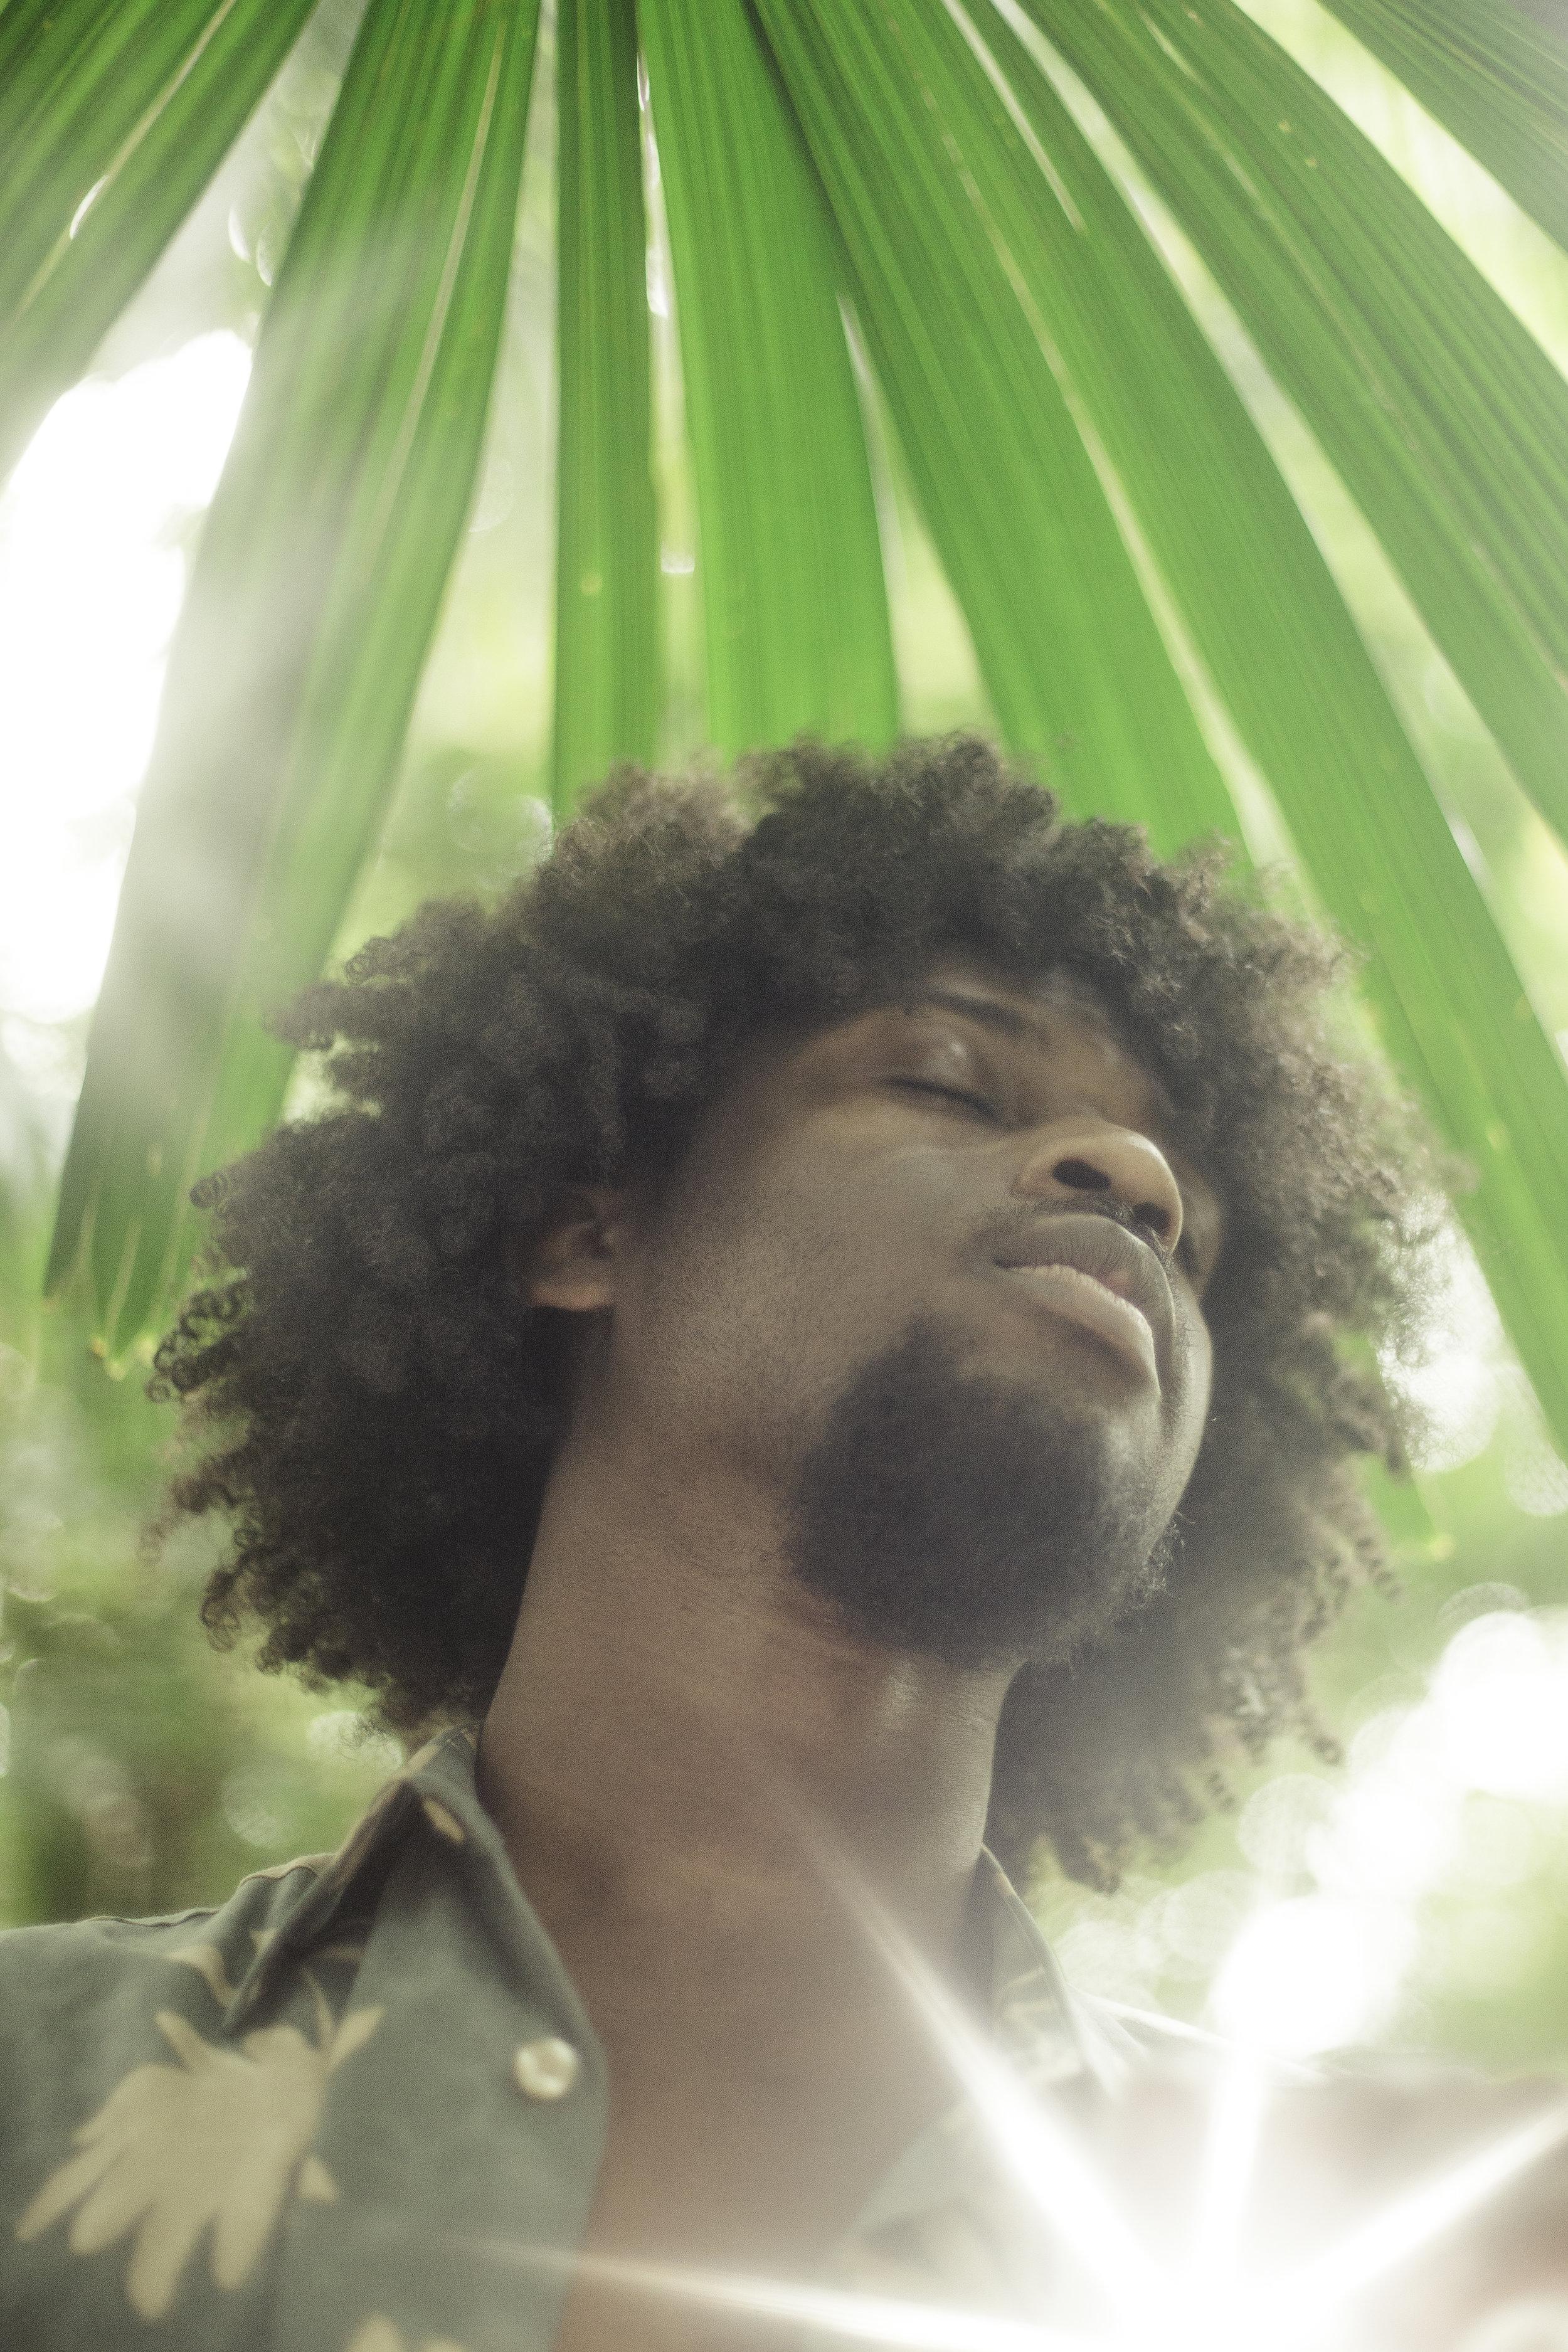 GrandAce_In_The_SunriseAnnie_Noelker_5692.jpg